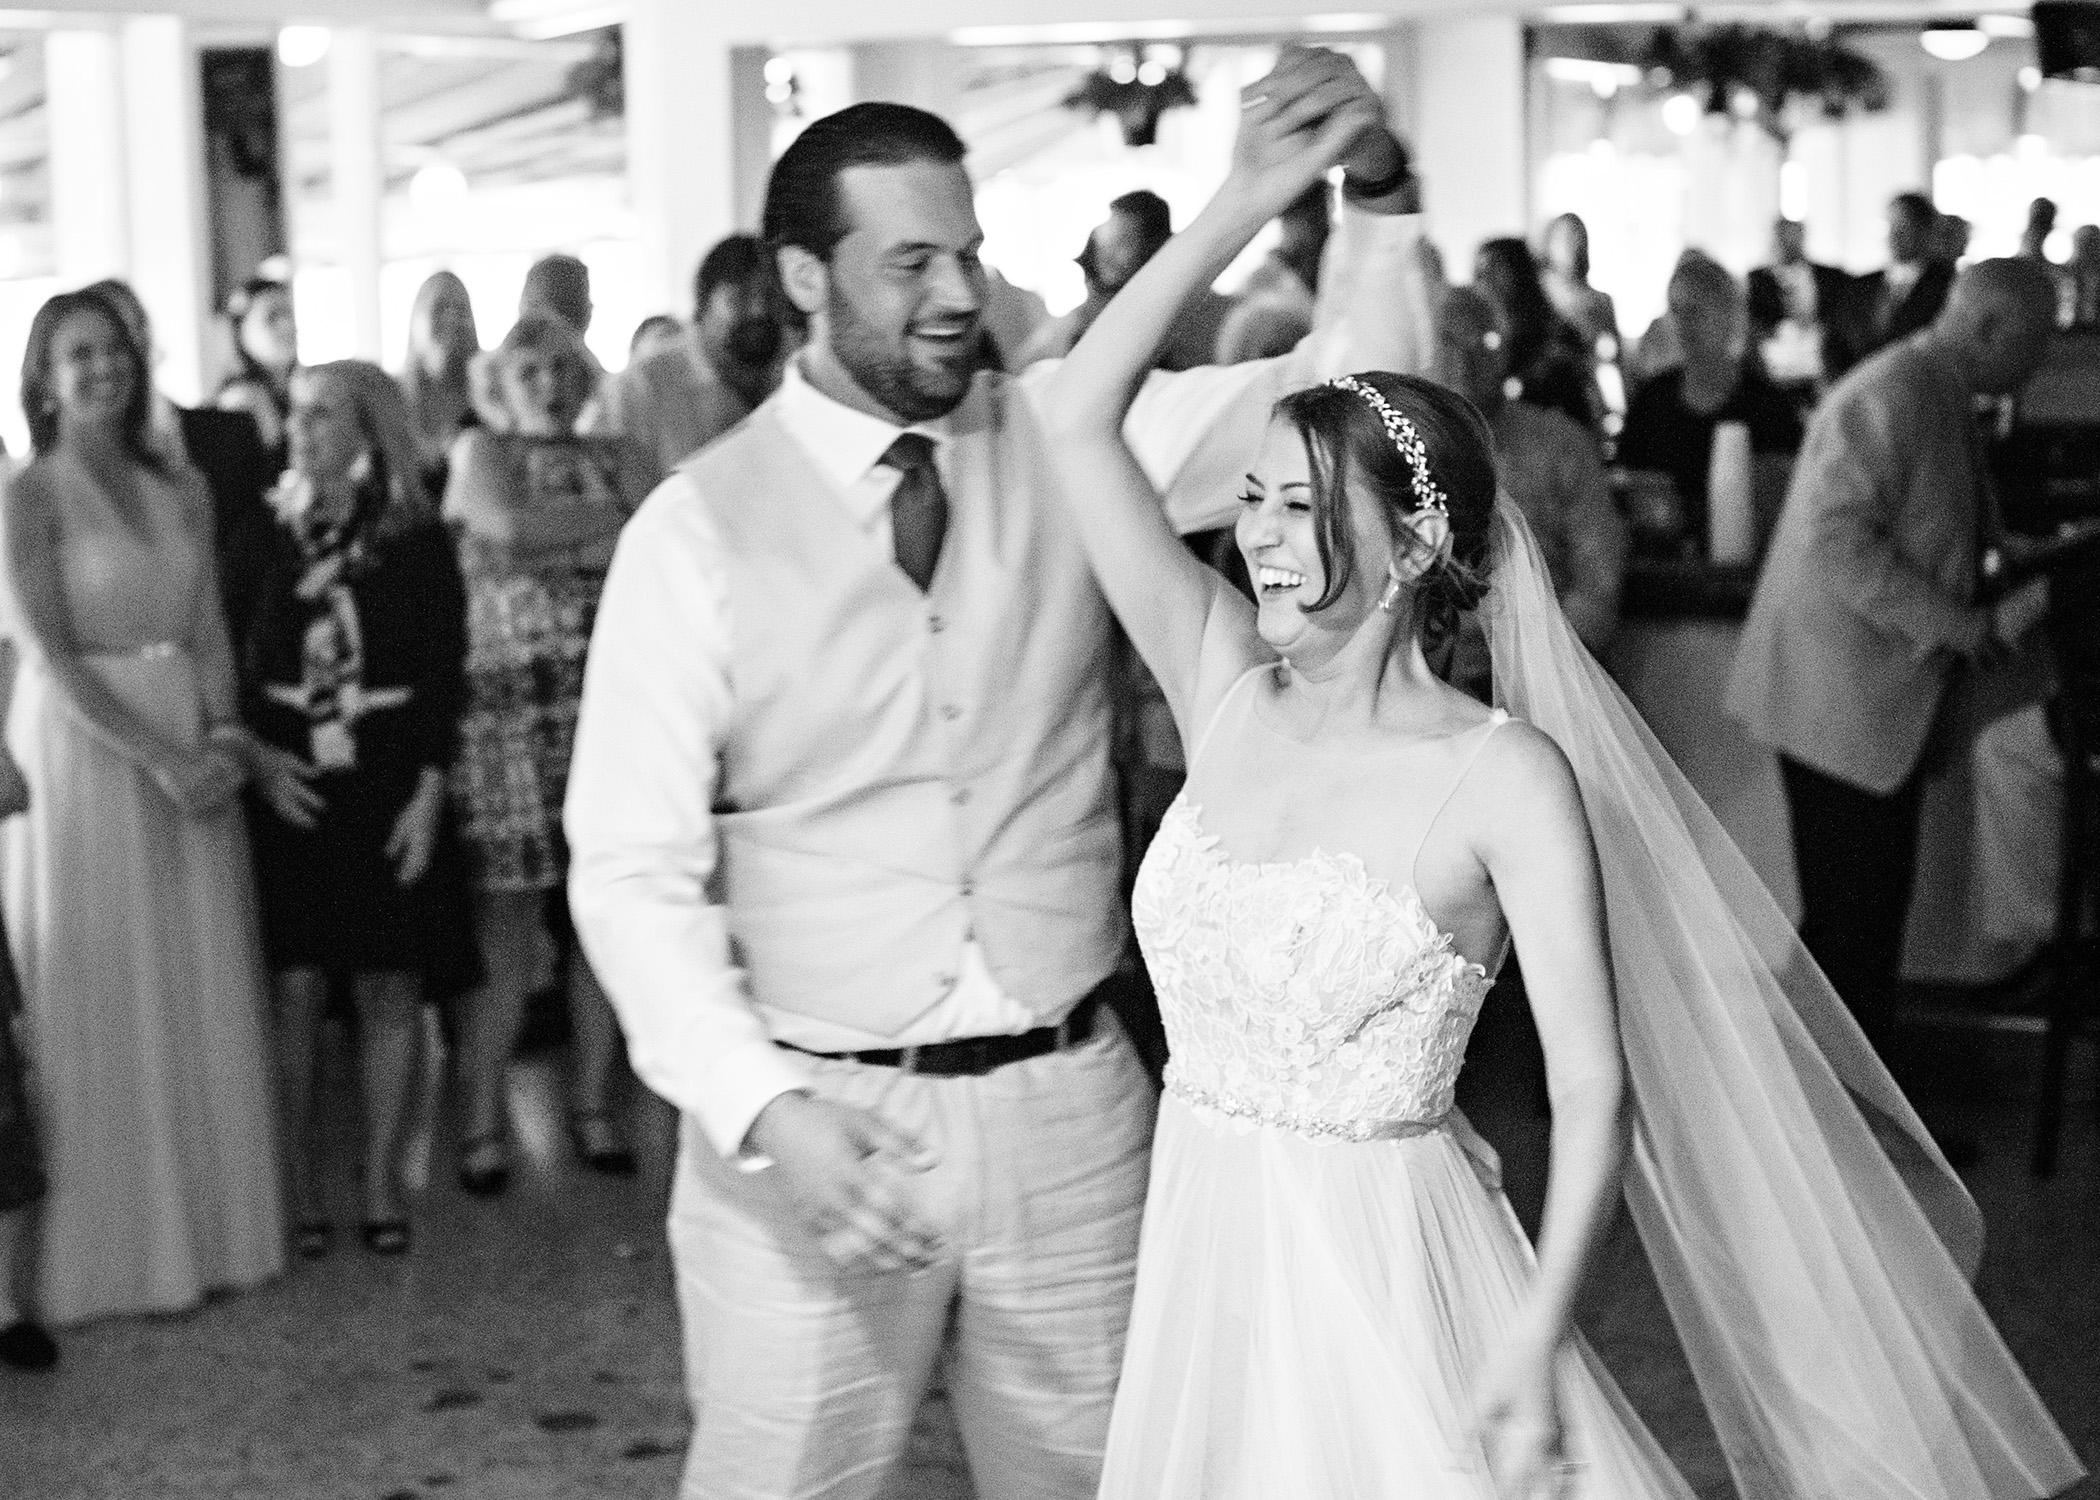 45-Sara Stadtmiller-SRS-Photography-Asbury-Park-Wedding-Photographer-Monmouth-County-Wedding-Photographer-NJ-Wedding-Photographer-Avon-by-the-Sea-Wedding-The-Columns-Wedding